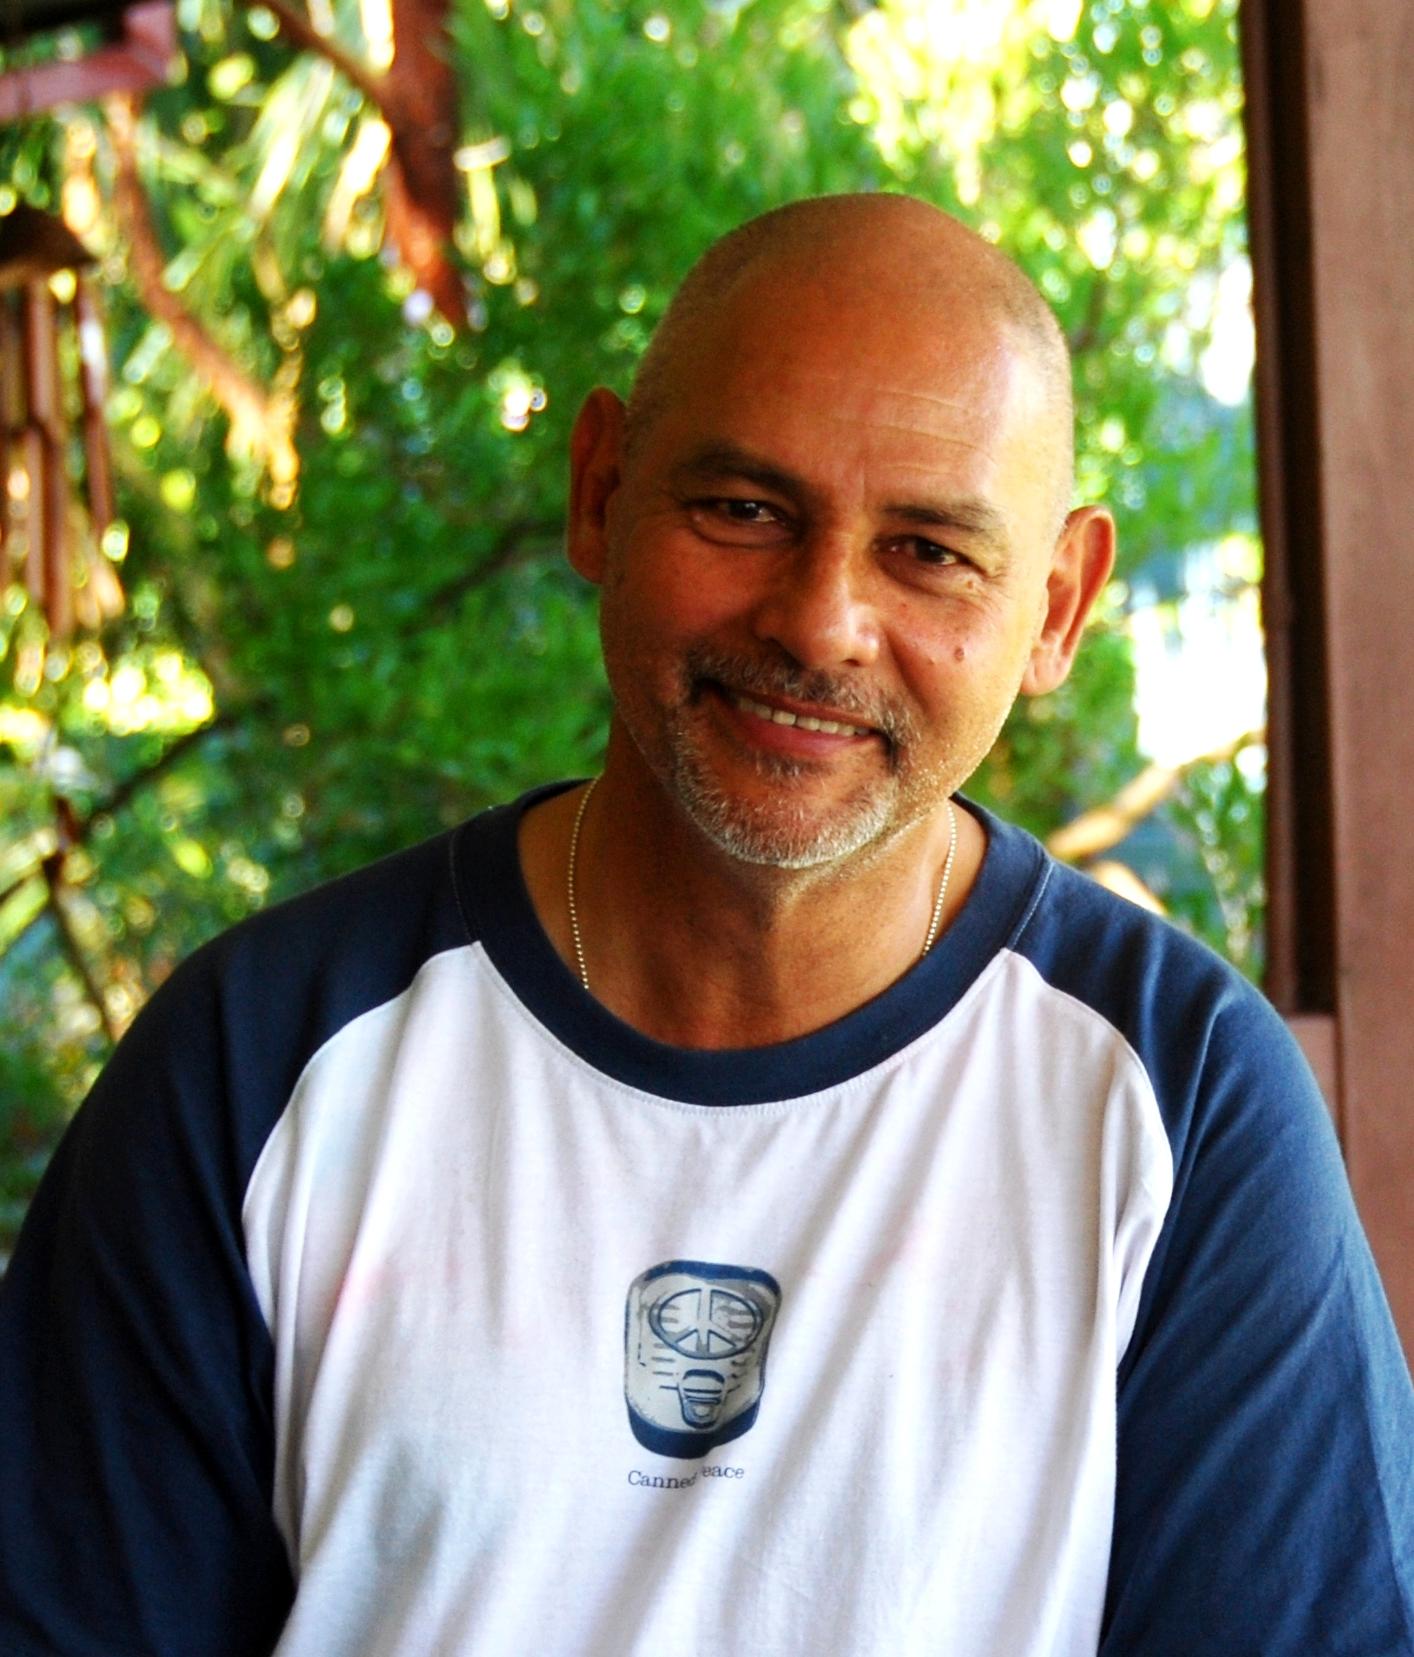 Philippe's profile picture